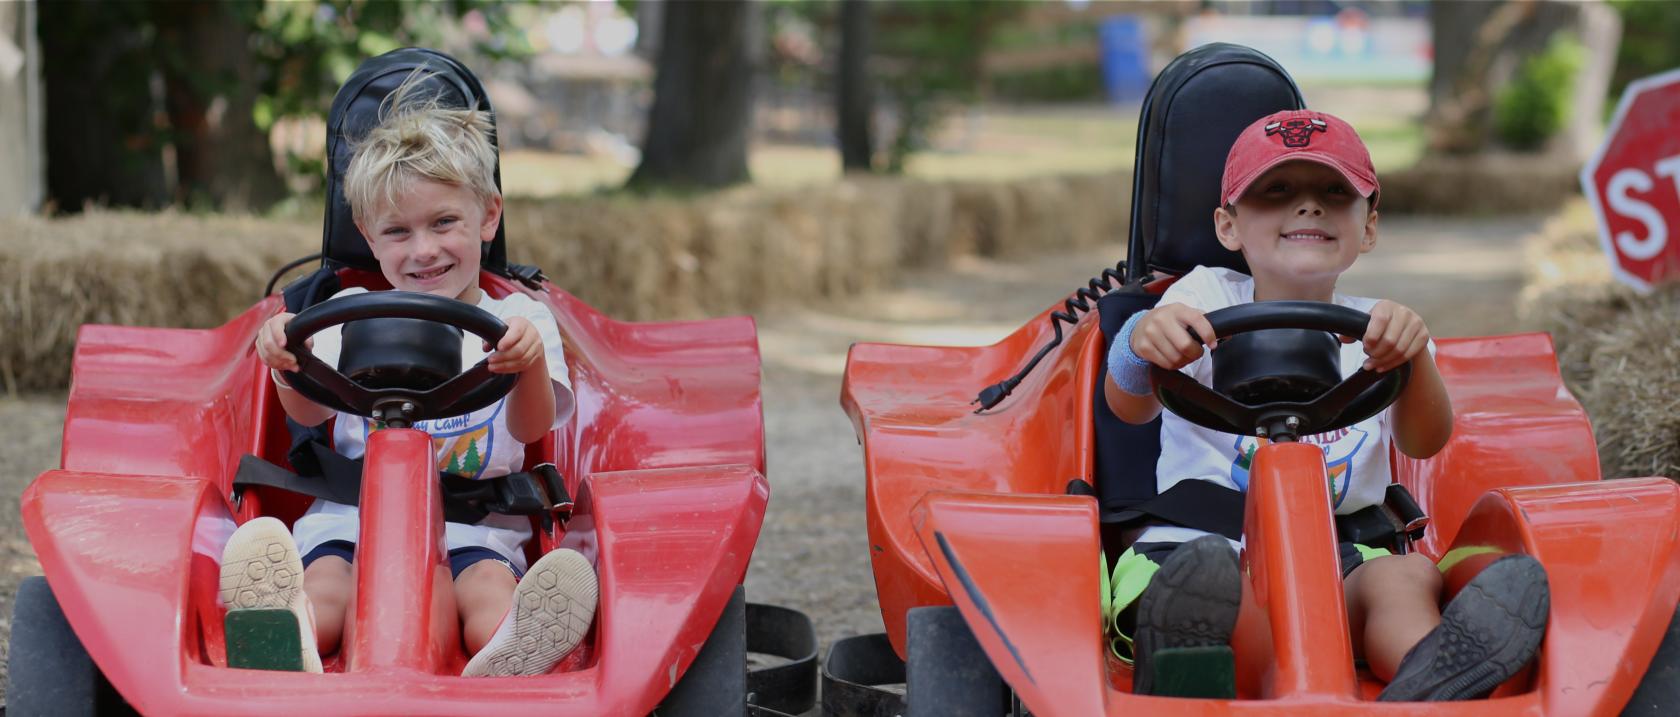 Camper driving go-karts